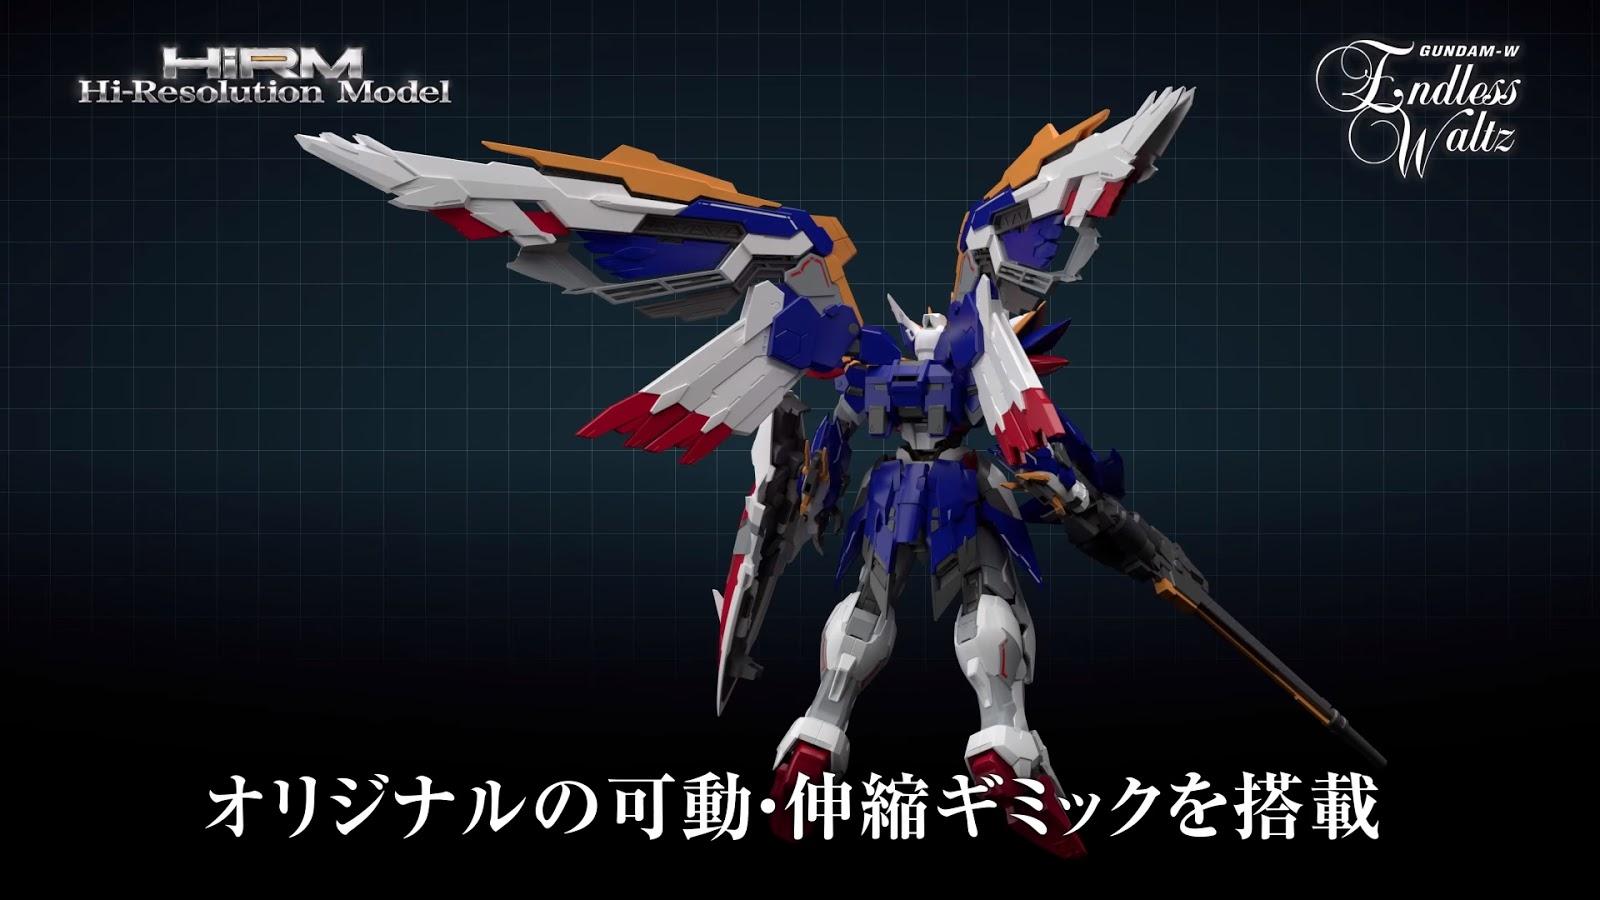 WING ZERO Gundam Paper craft